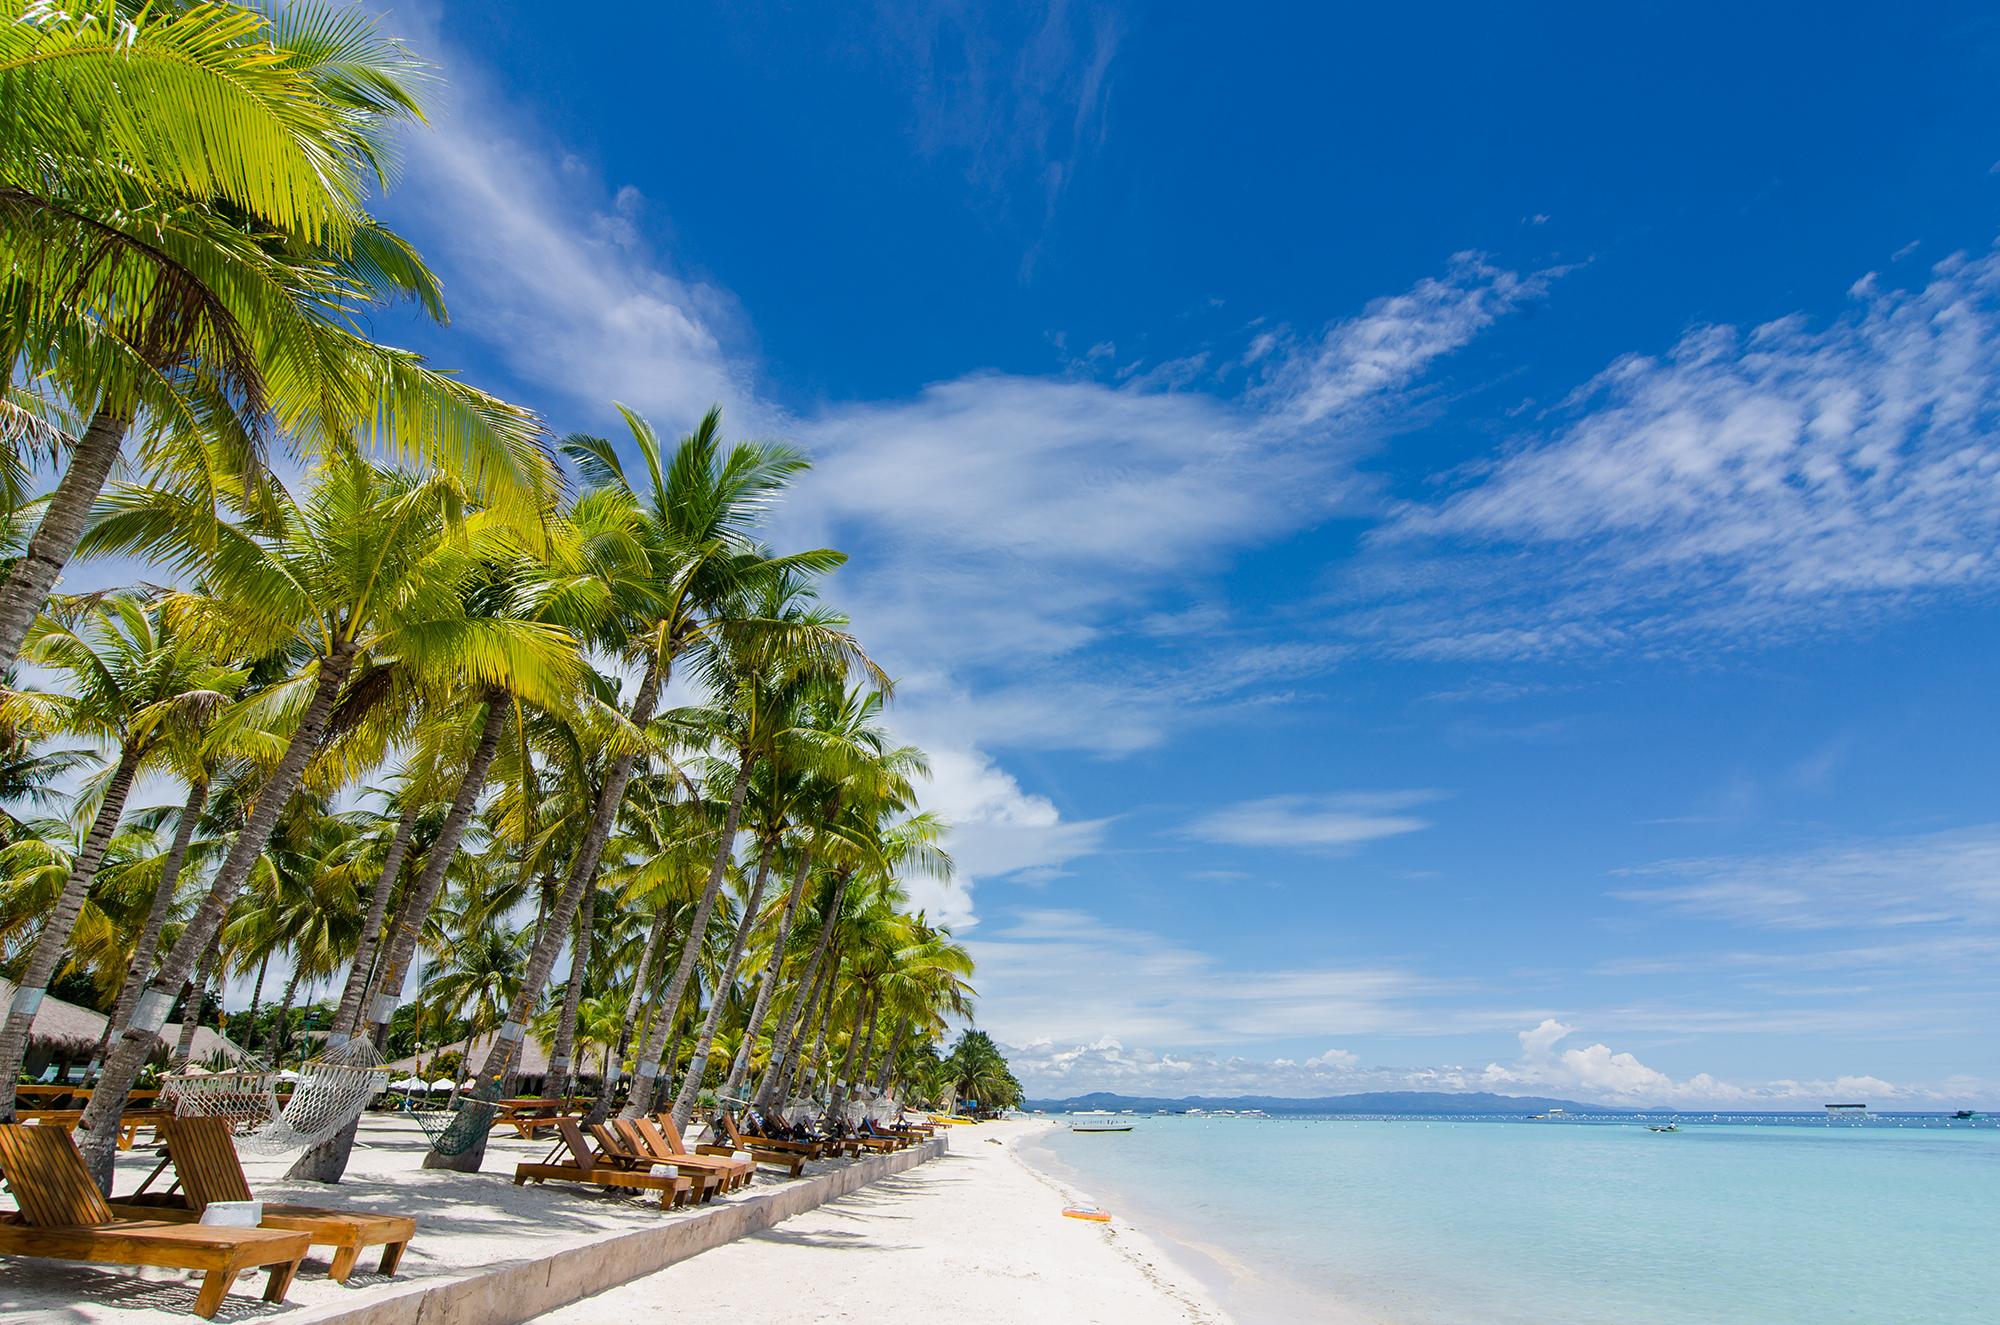 размещен себу бохол лучшие пляжи фото и отзывы качестве приза